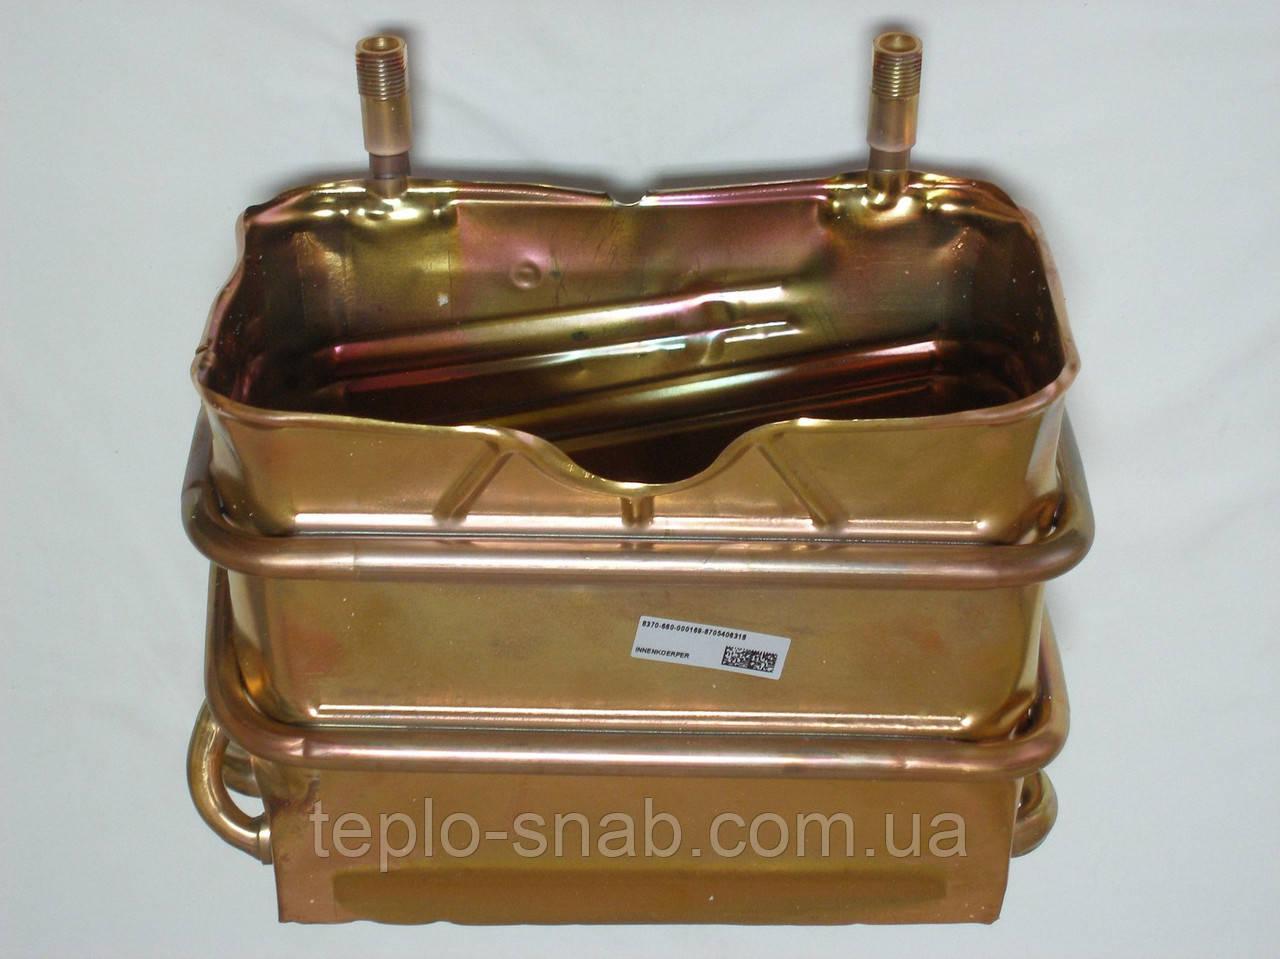 Первинний теплообмінник для газового котла Junkers / Bosch ZW 23-1 KE. 8705406428, 8705406318